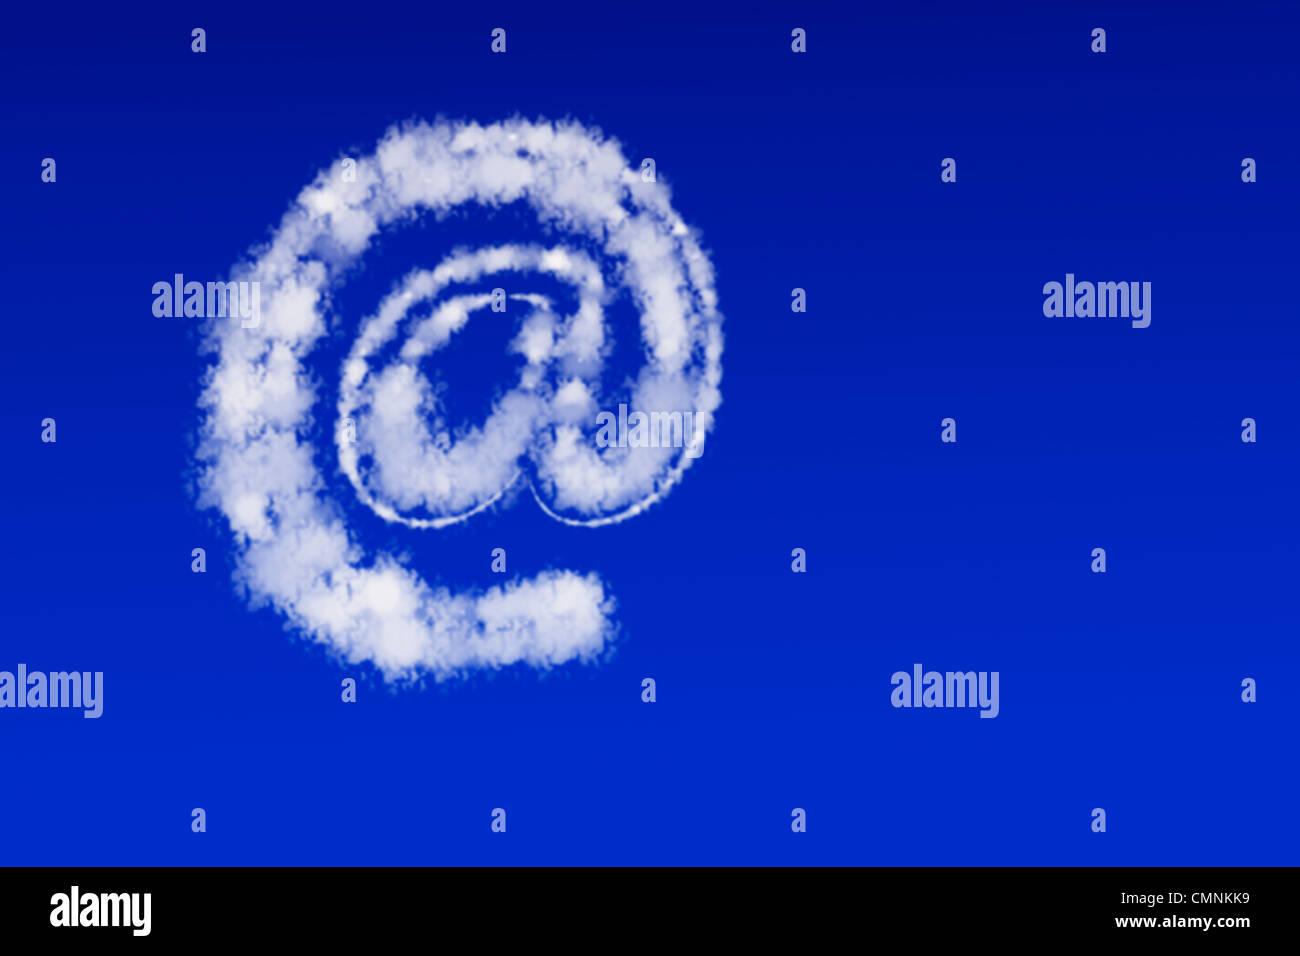 Wolken in Form eines At Zeichen schweben am blauen Himmel   Clouds in the form of a At sign floating in the blue - Stock Image